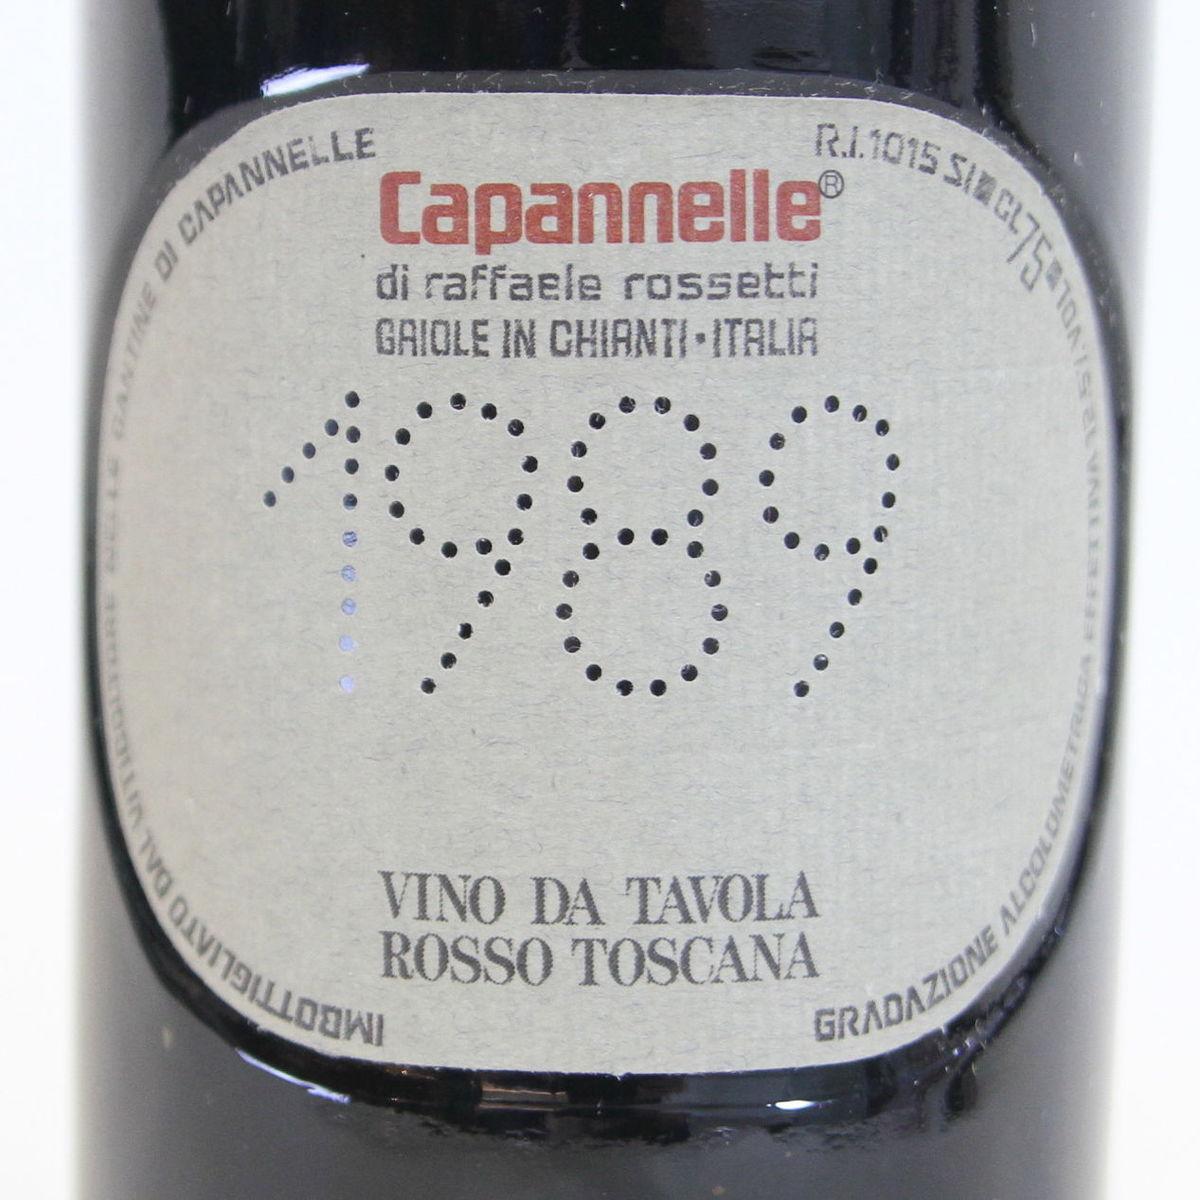 【1989年】ロッソ カパンネッレ カパンネッレ Rosso Capannelle Capannnelle イタリア トスカーナ州 赤ワイン 750ml